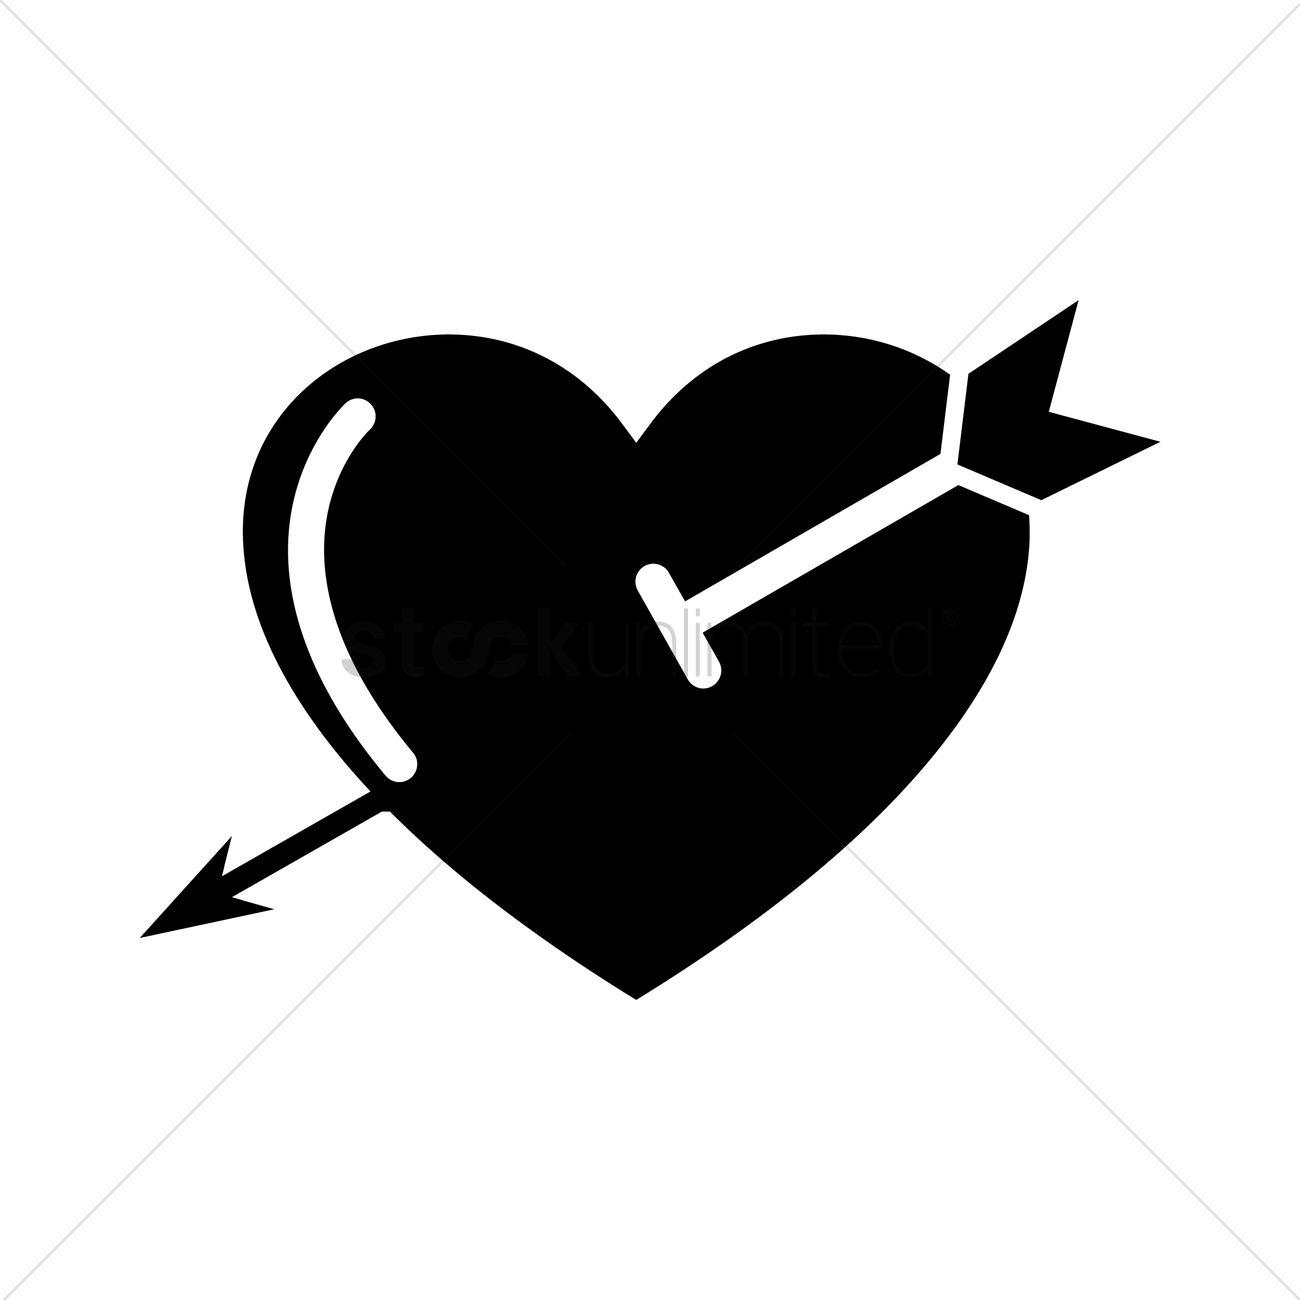 1300x1300 Arrow Through Heart Design Vector Image